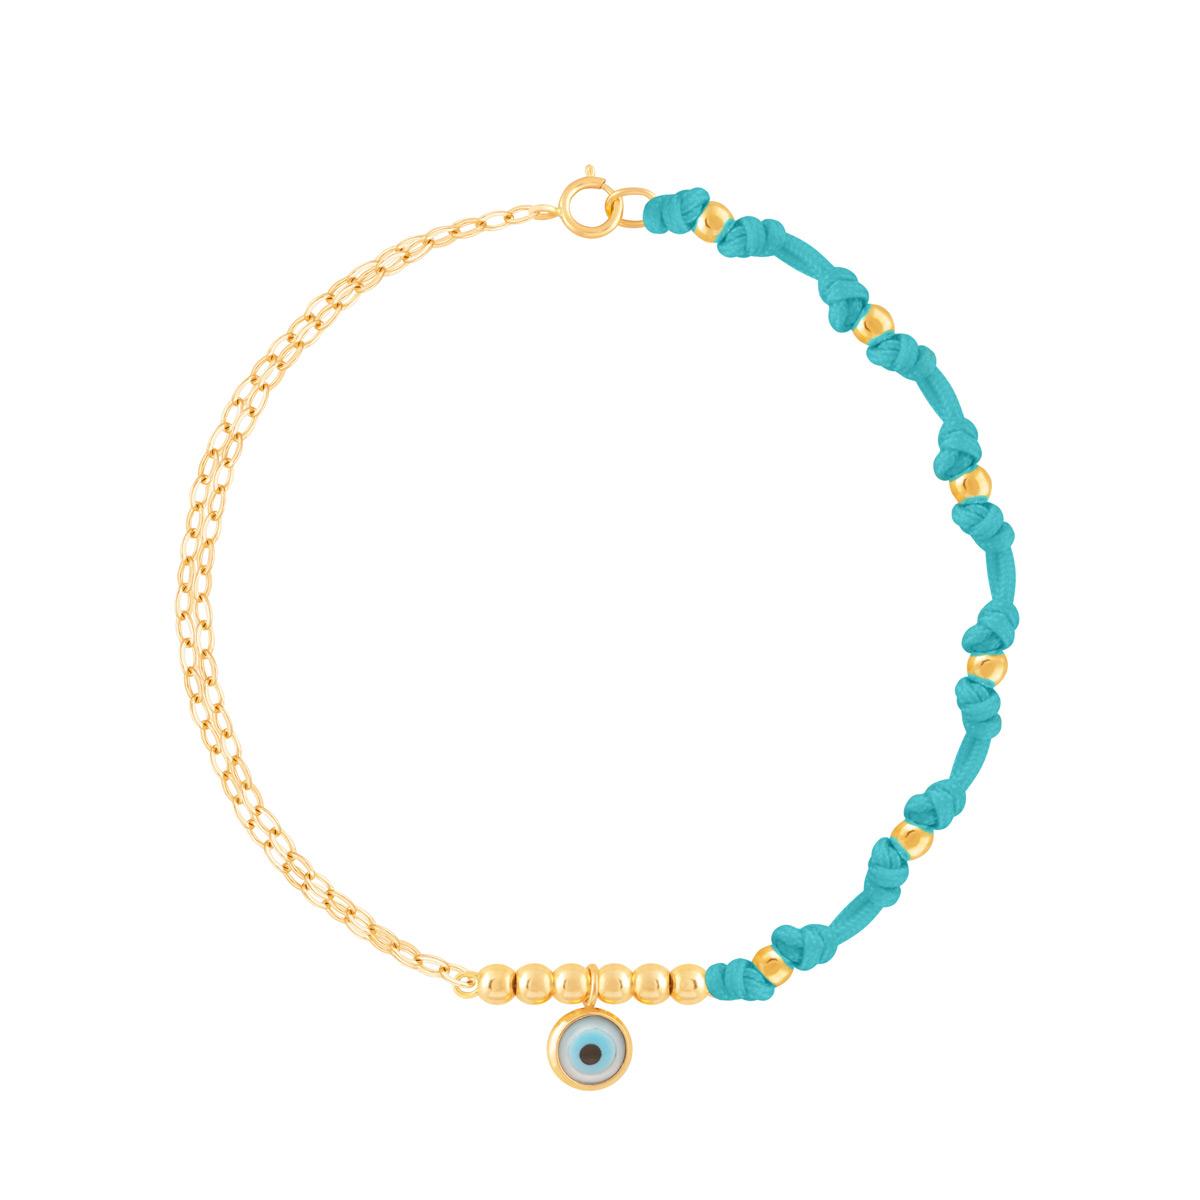 دستبند طلا بافت آبی چشم و گوی